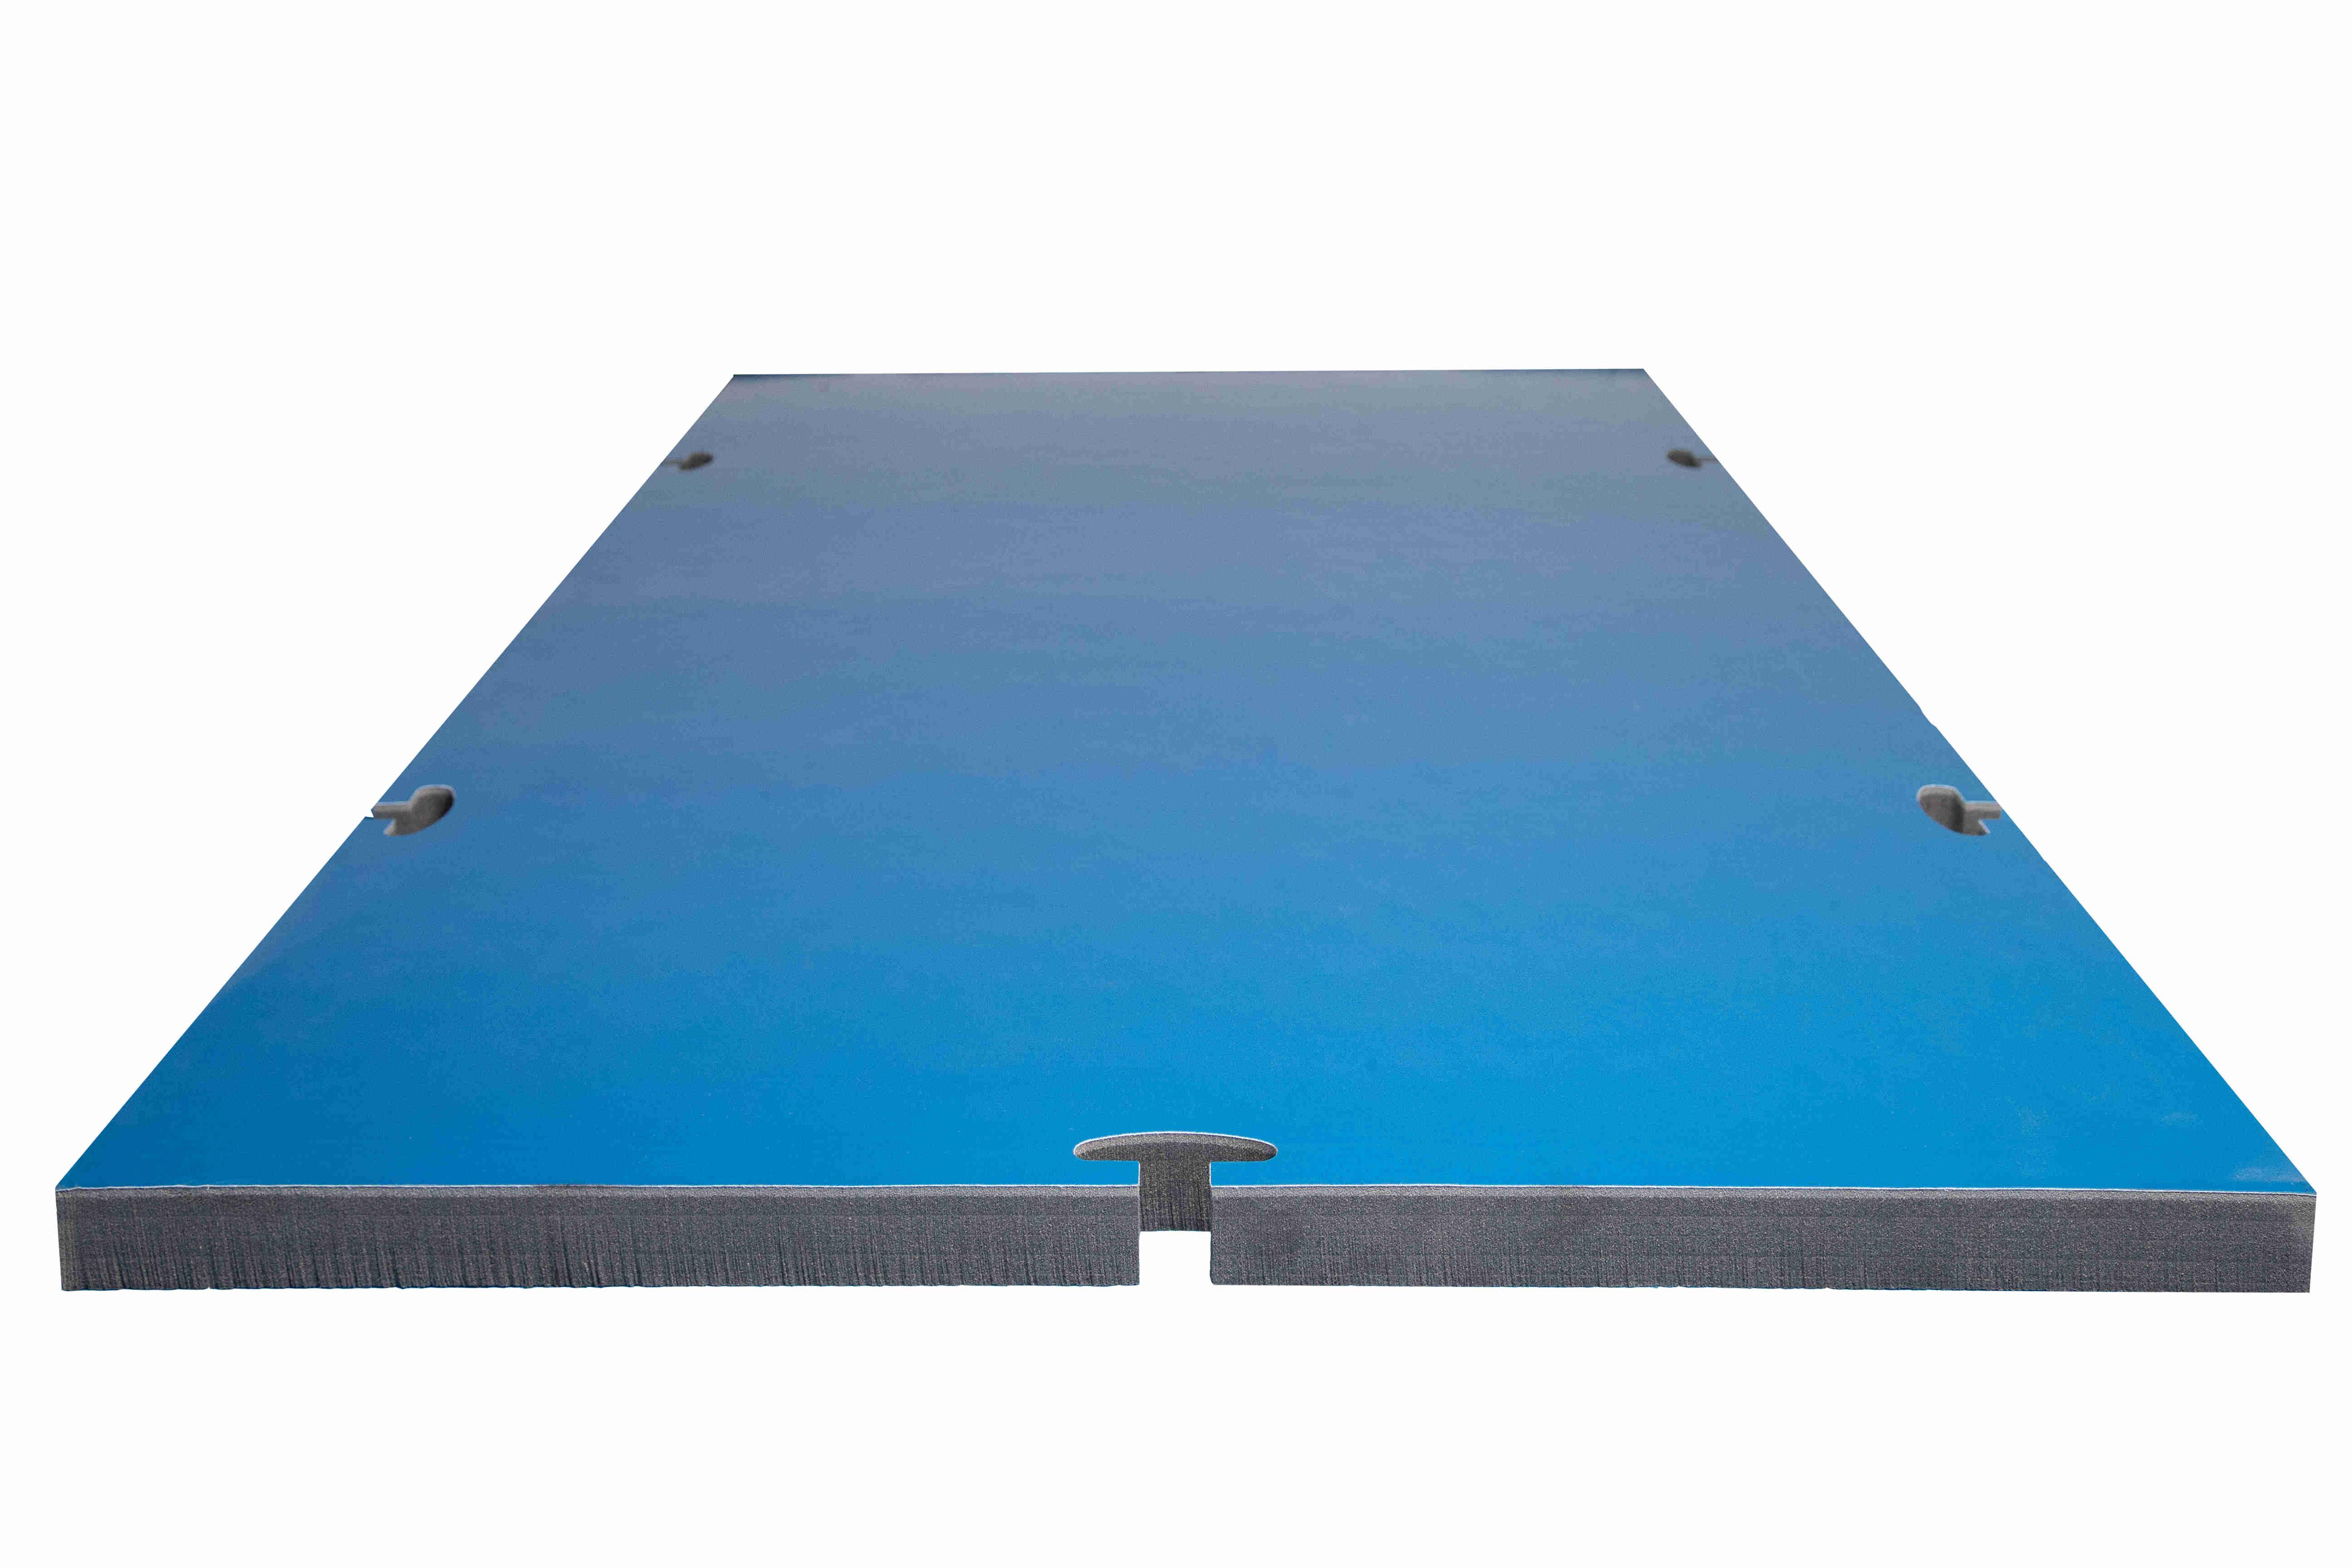 tatami judo entrainement ferme paisseur 4 cm dalle 100 x 100 cm prix au m ref ju entf 3 1. Black Bedroom Furniture Sets. Home Design Ideas